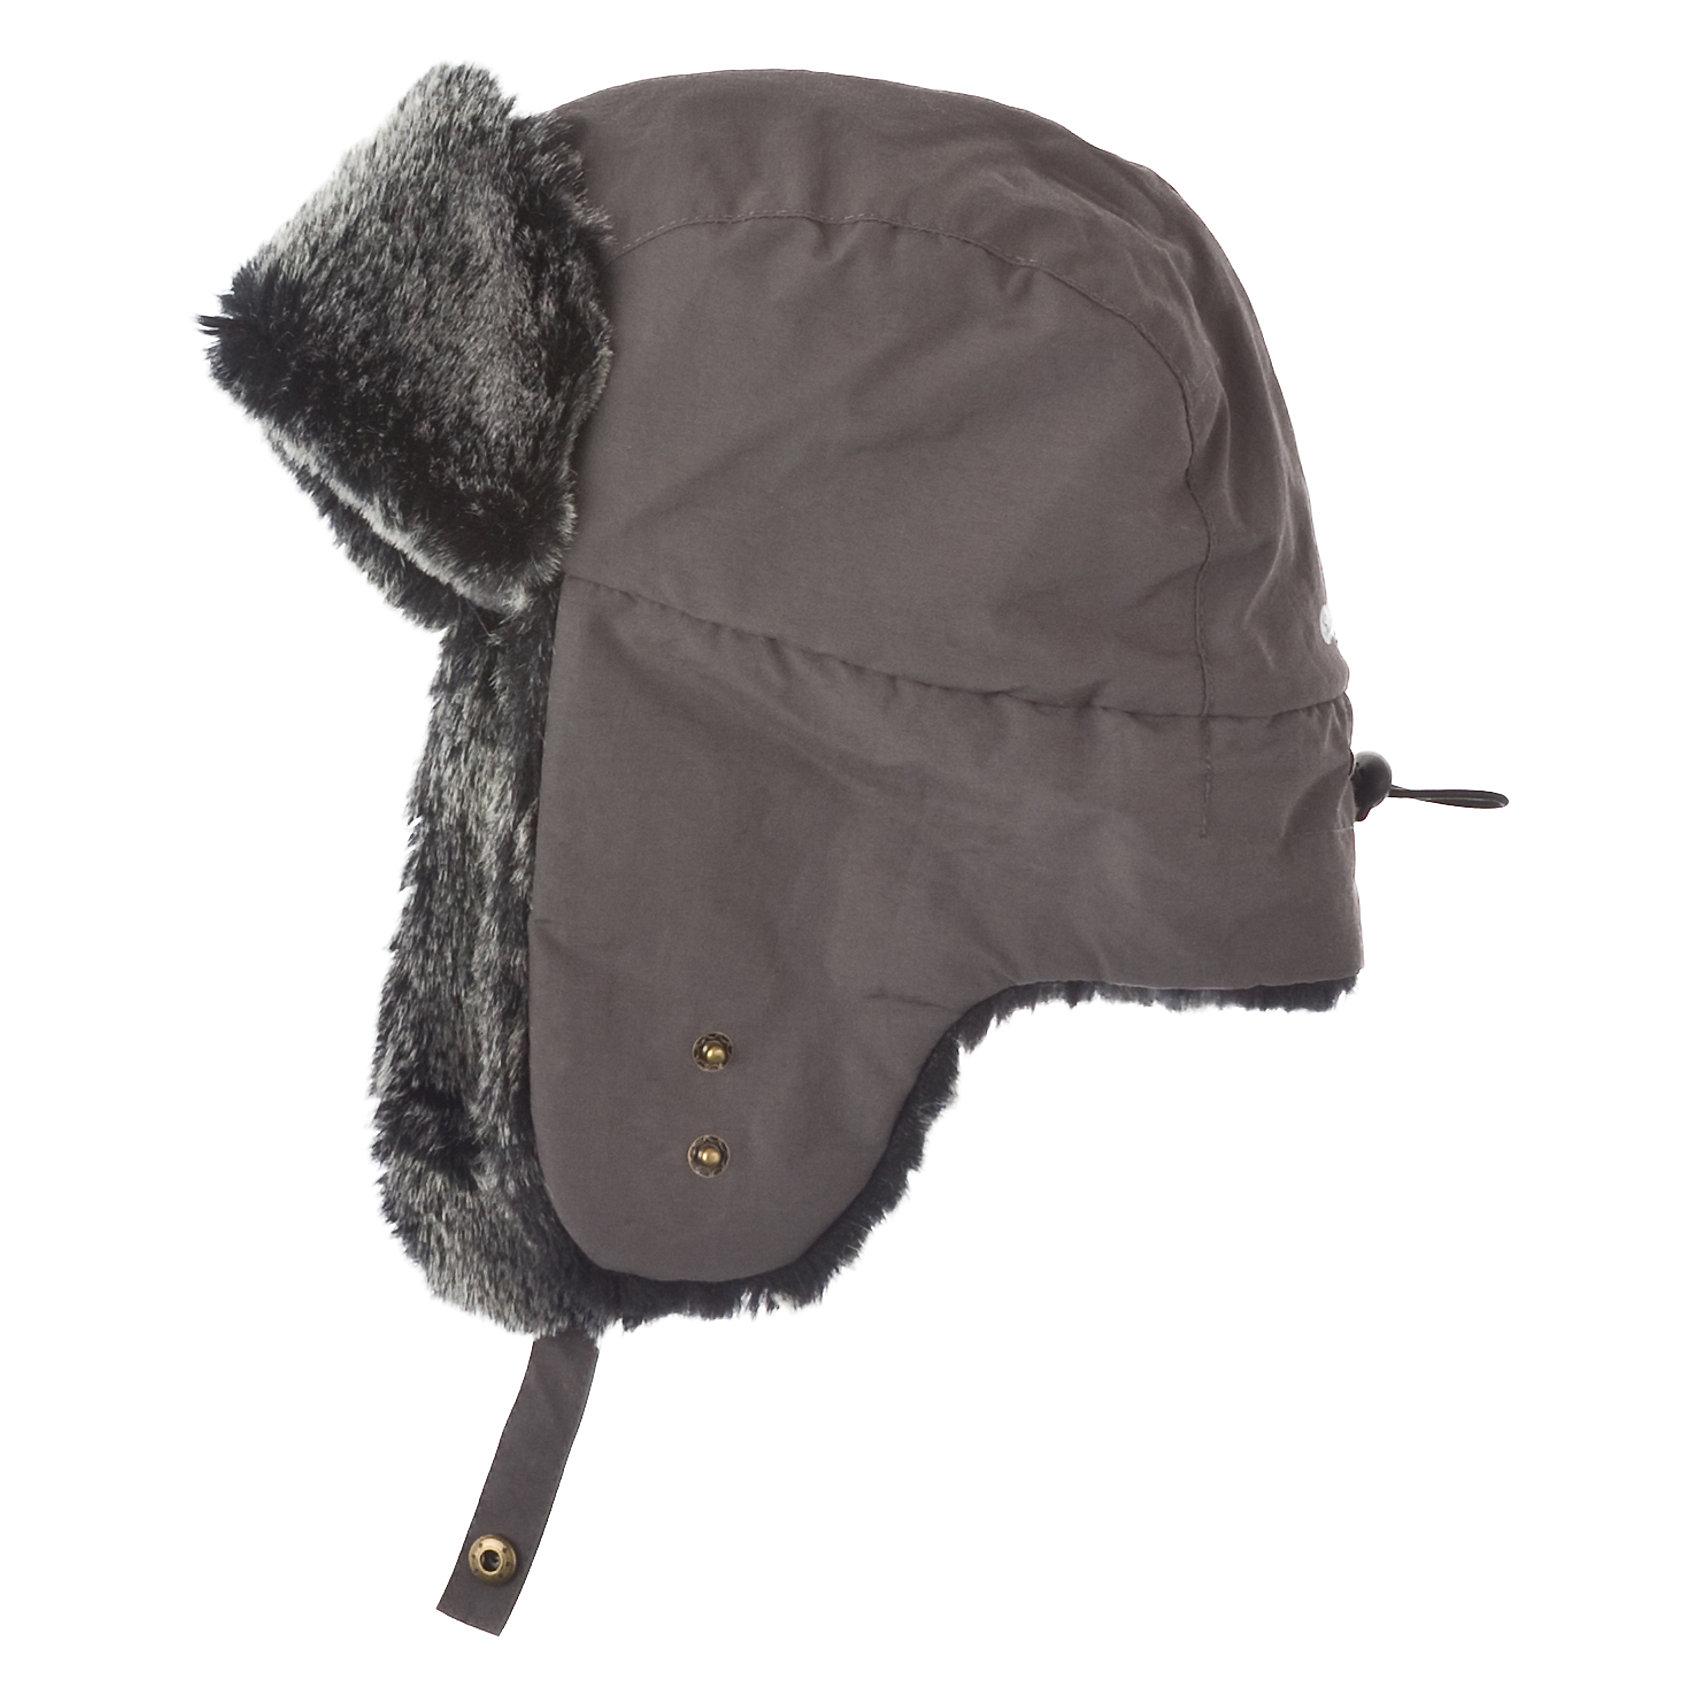 Шапка для мальчика ScoolГоловные уборы<br>Шапка для мальчика Scool Модная шапка-ушанка с меховым козырьком и меховыми ушками изнутри. Размер регулируется резинкой сзади. Ушки поднимаются и фиксируются с помощью кнопки. Состав: Верх: 100% полиэстер, Подкладка: 100% полиэстер, Утеплитель: 100% полиэстер<br><br>Ширина мм: 89<br>Глубина мм: 117<br>Высота мм: 44<br>Вес г: 155<br>Цвет: белый<br>Возраст от месяцев: 108<br>Возраст до месяцев: 132<br>Пол: Мужской<br>Возраст: Детский<br>Размер: 54,56<br>SKU: 4228259